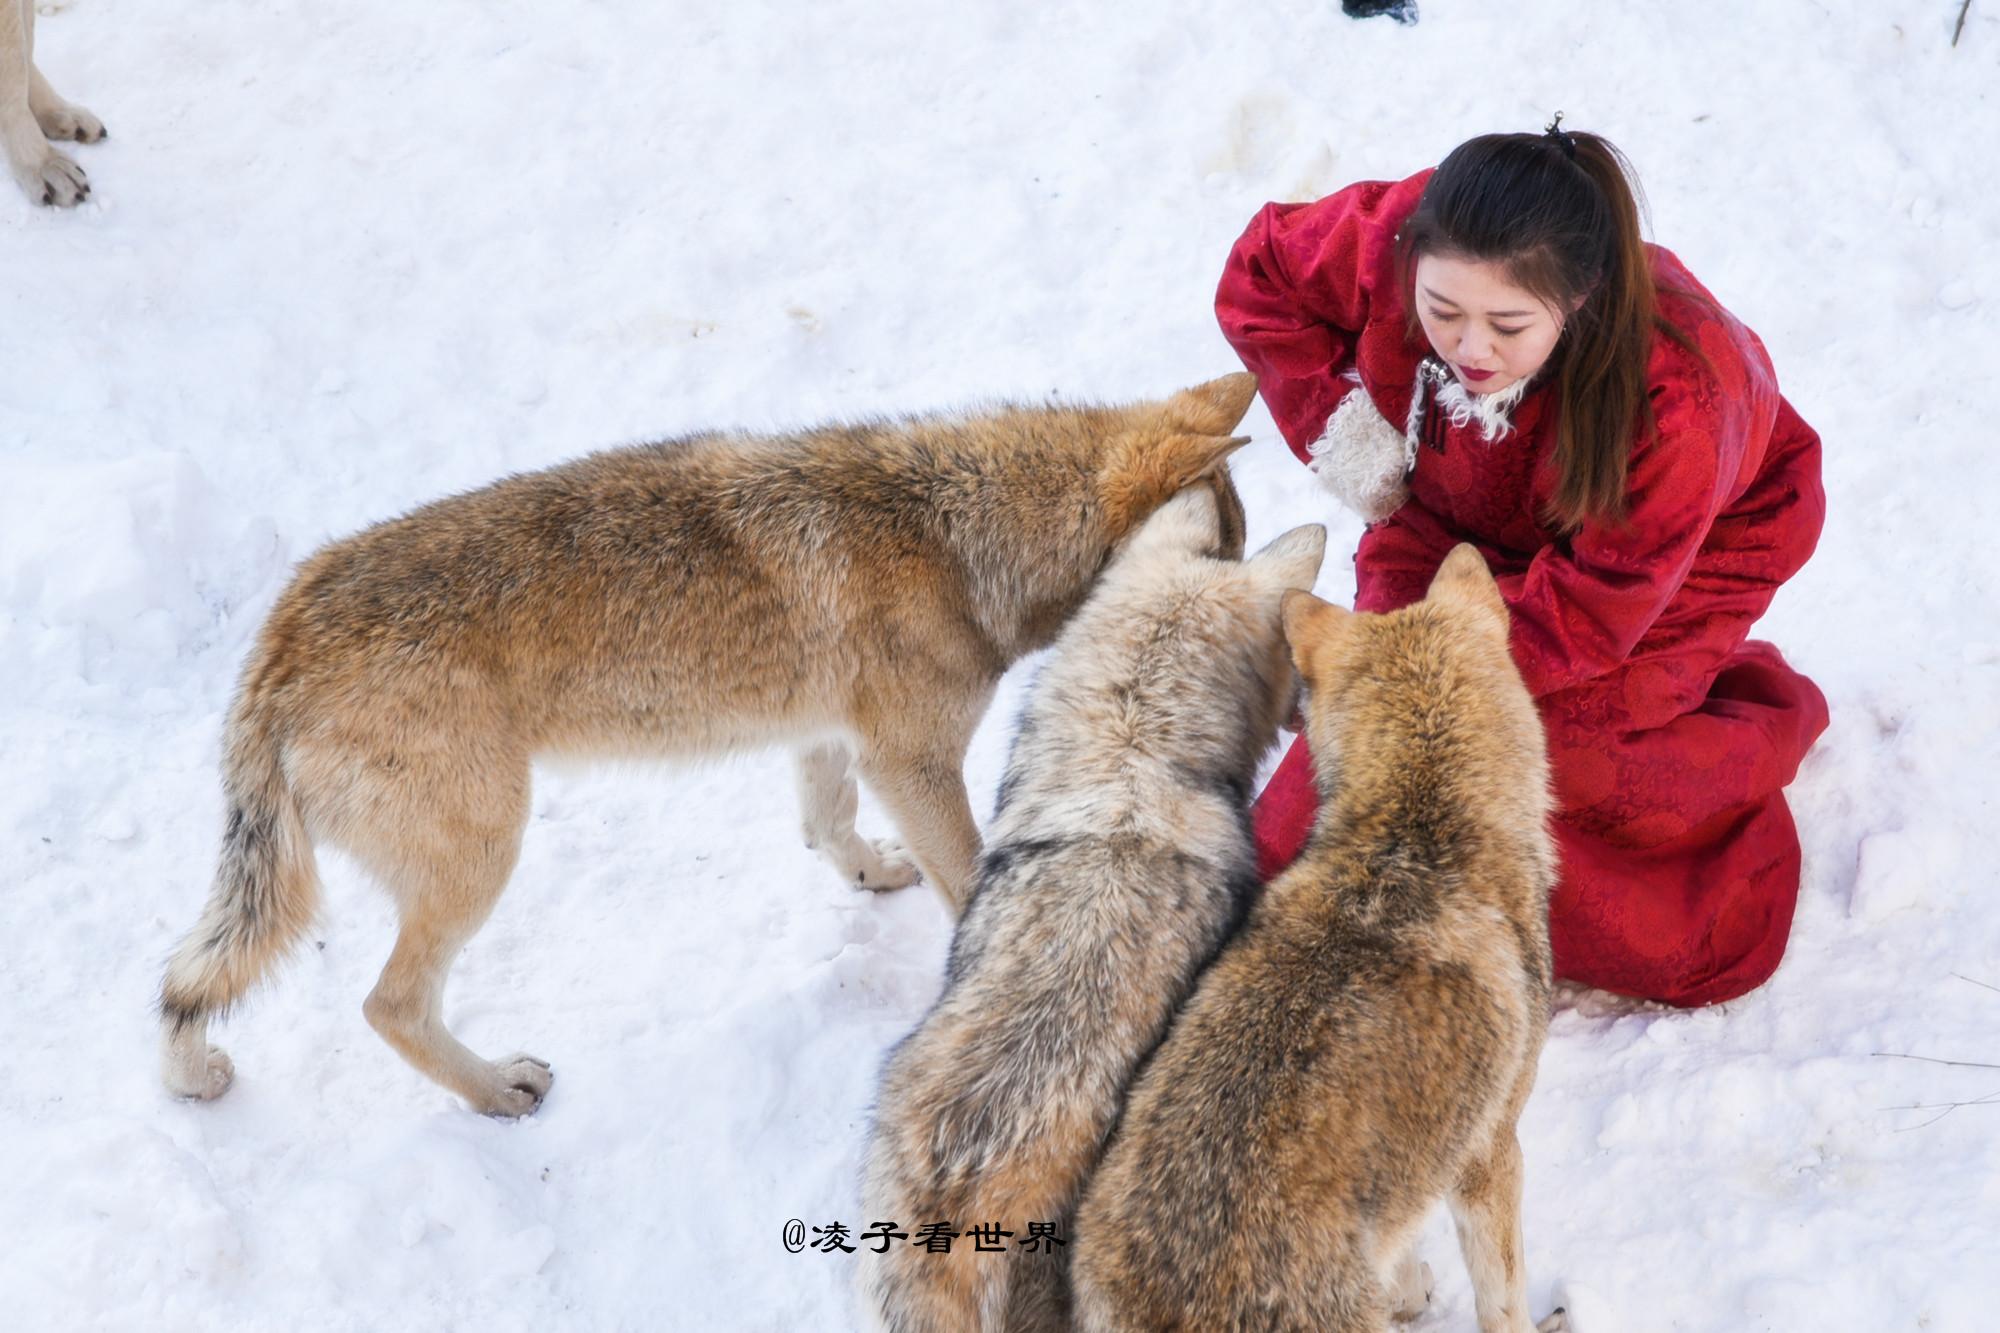 首届百里峡冰雪季居然引来了俄罗斯美女与狼共舞